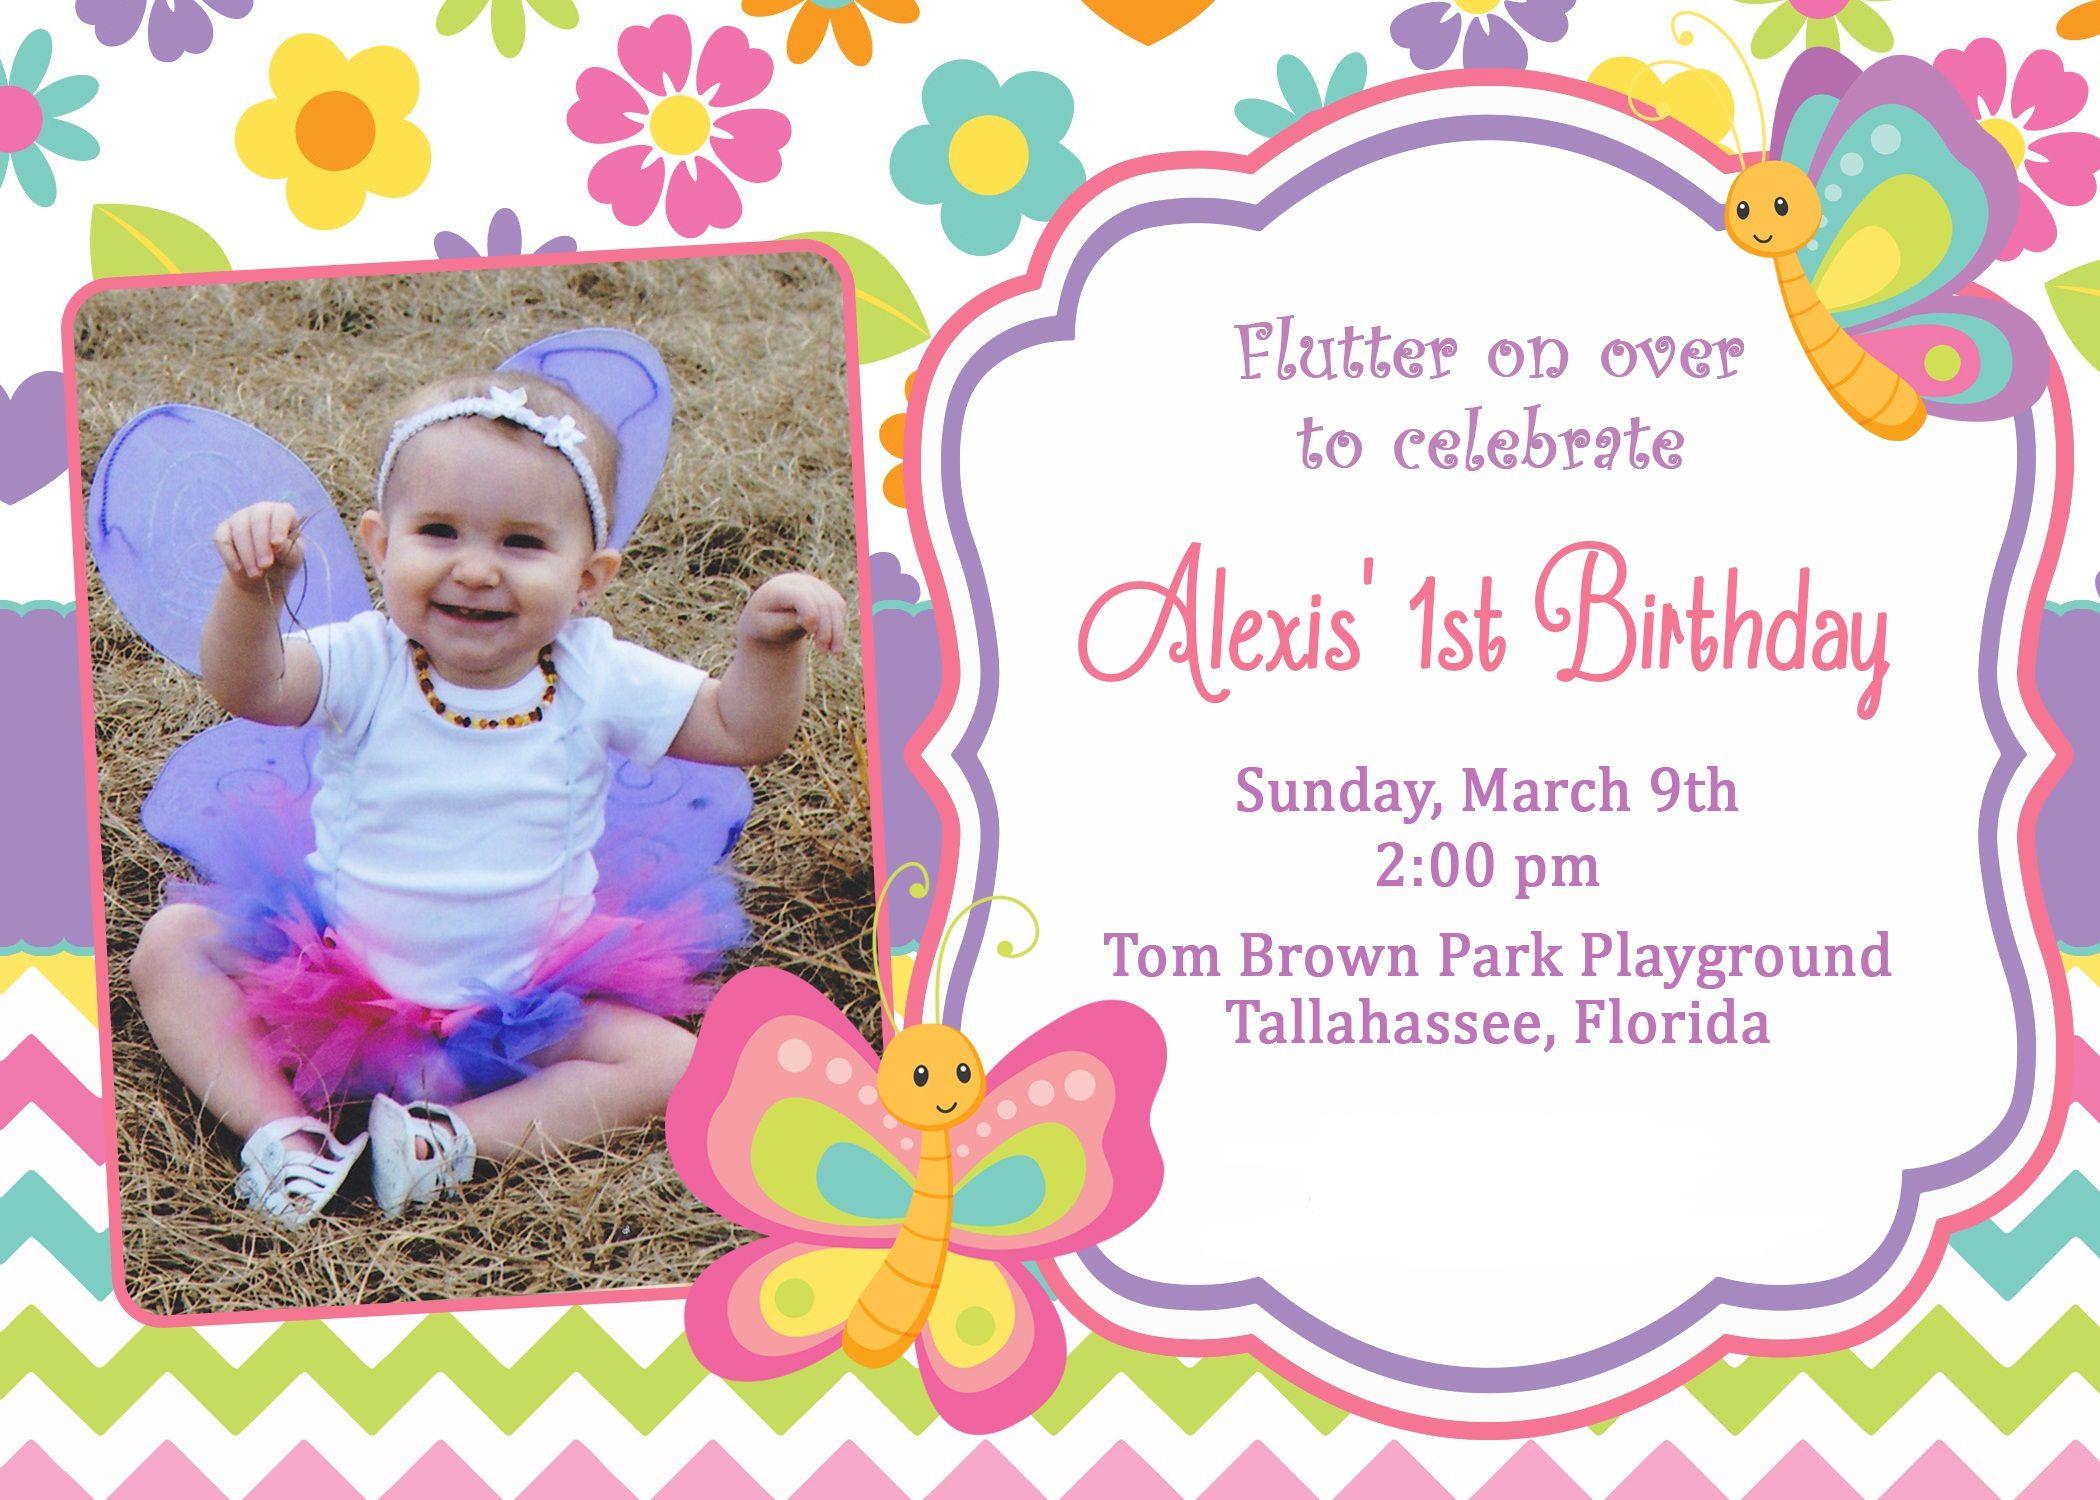 Butterfly 1st Birthday Party Invitation off etsy | Birthday ...